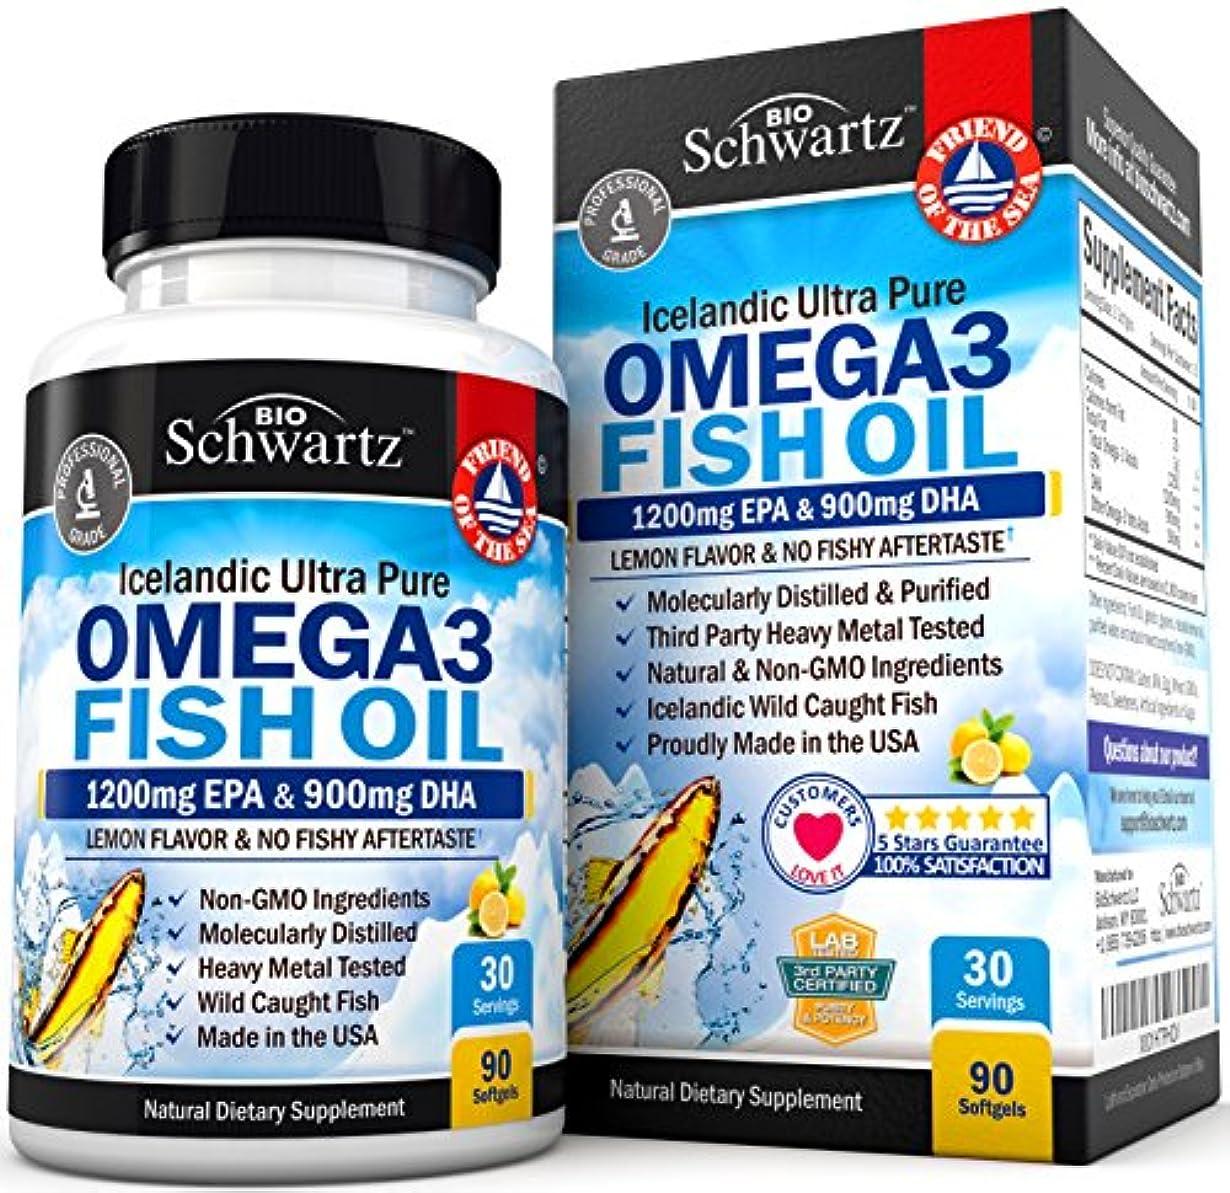 灰バッテリーエンジニアBioSchwartz Omega 3 Fish Oil Supplement with 1200mg EPA, 900mg DHA 90粒